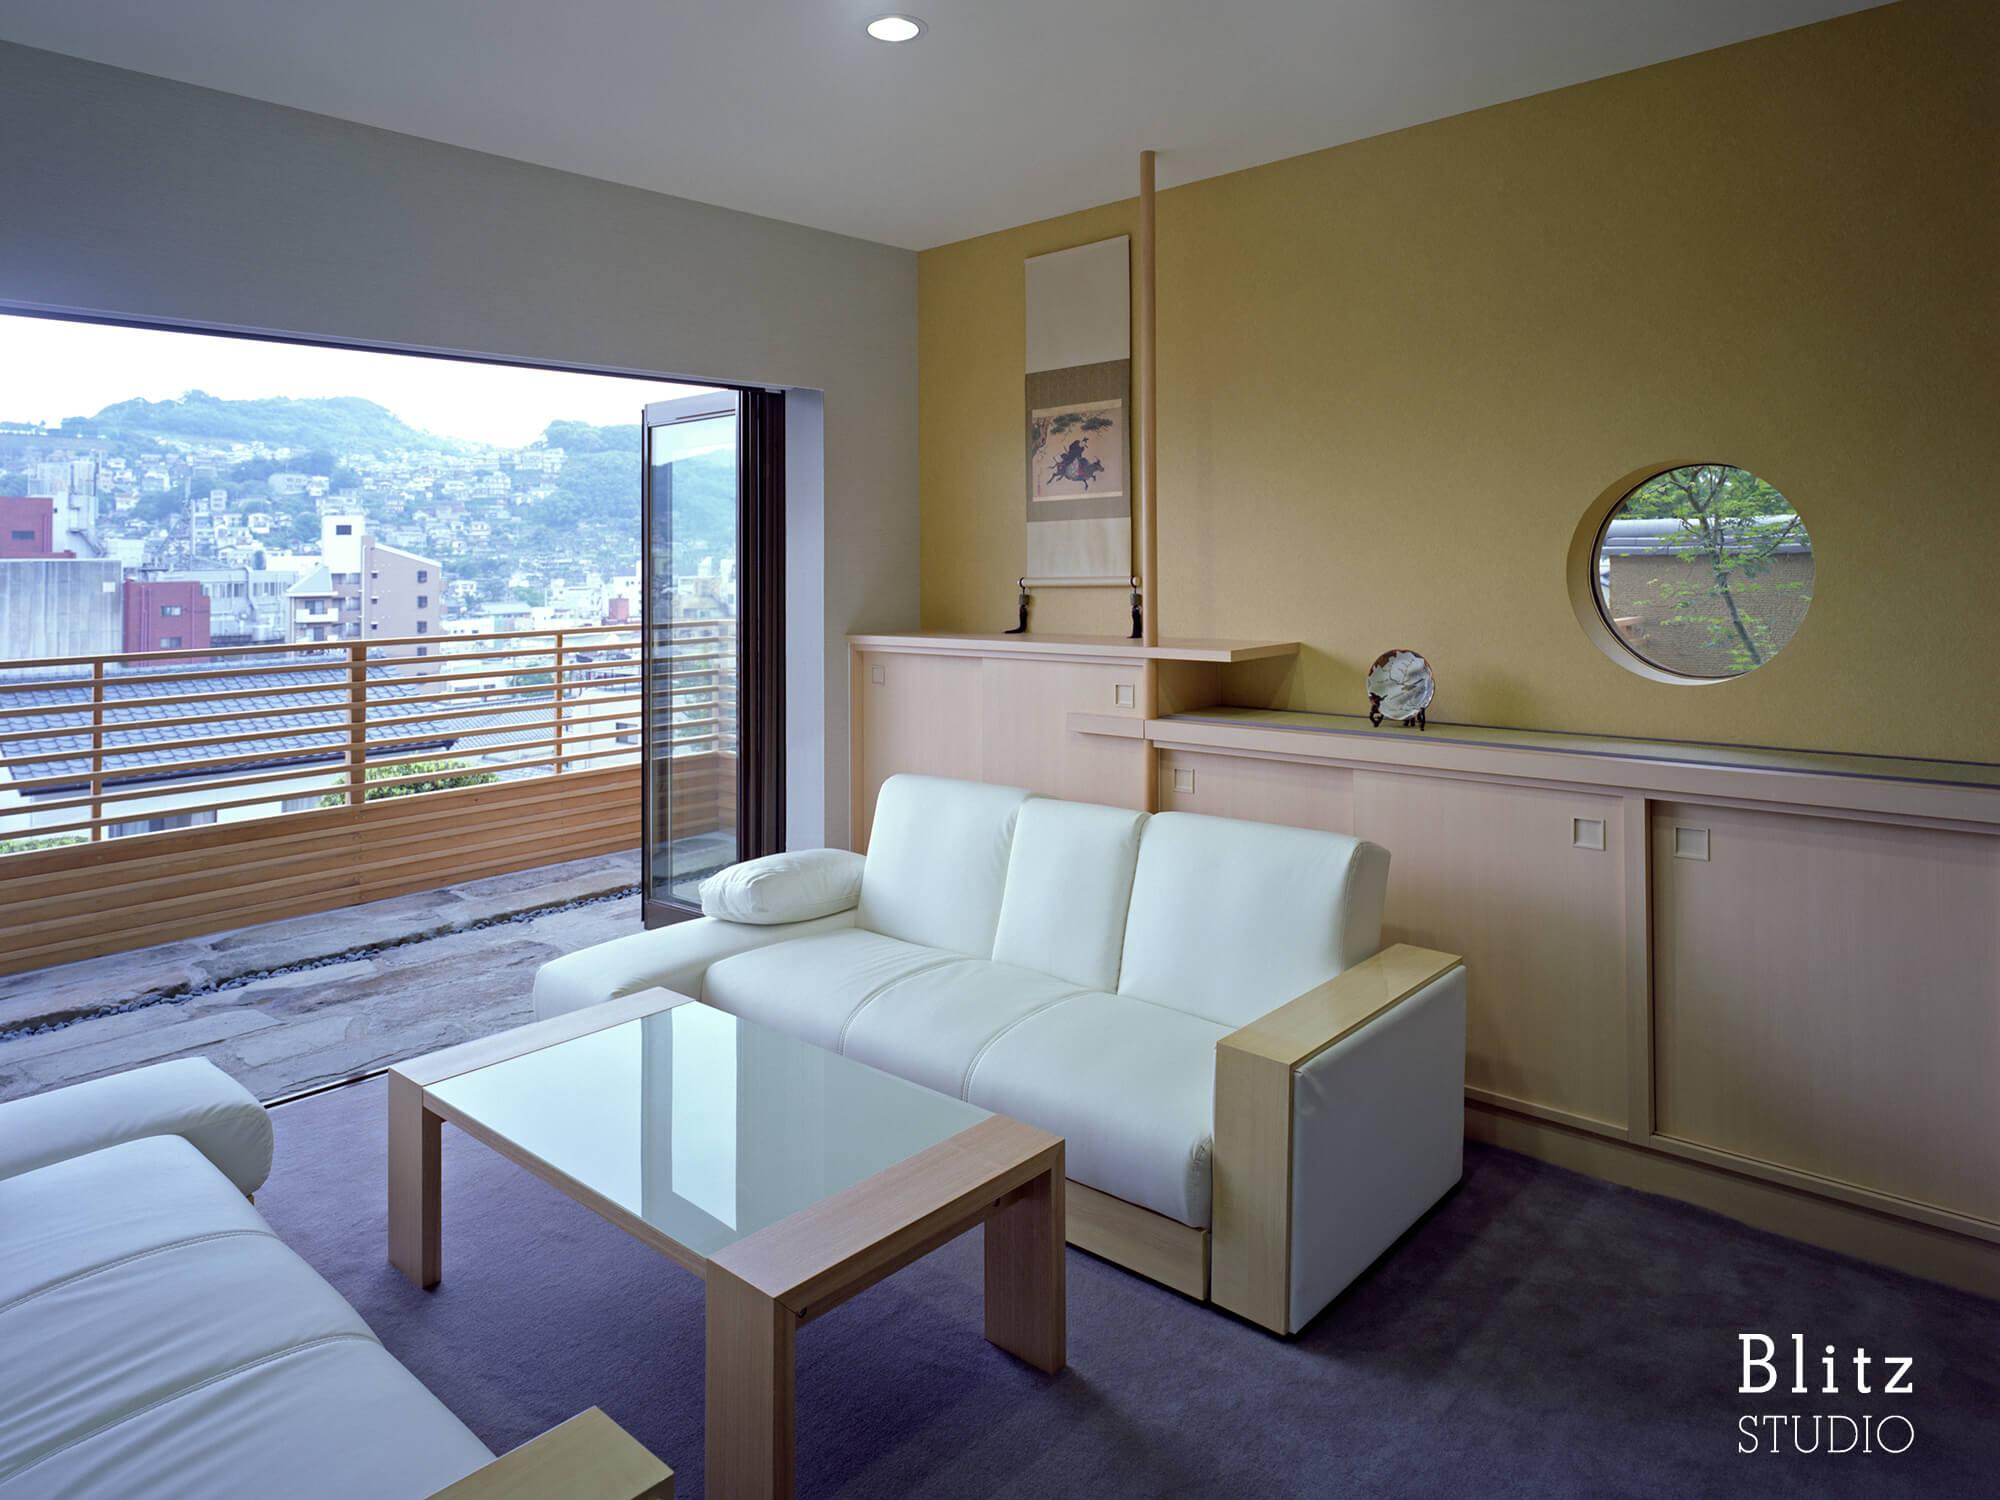 『諏訪神社職舎』建築写真・竣工写真・インテリア写真8